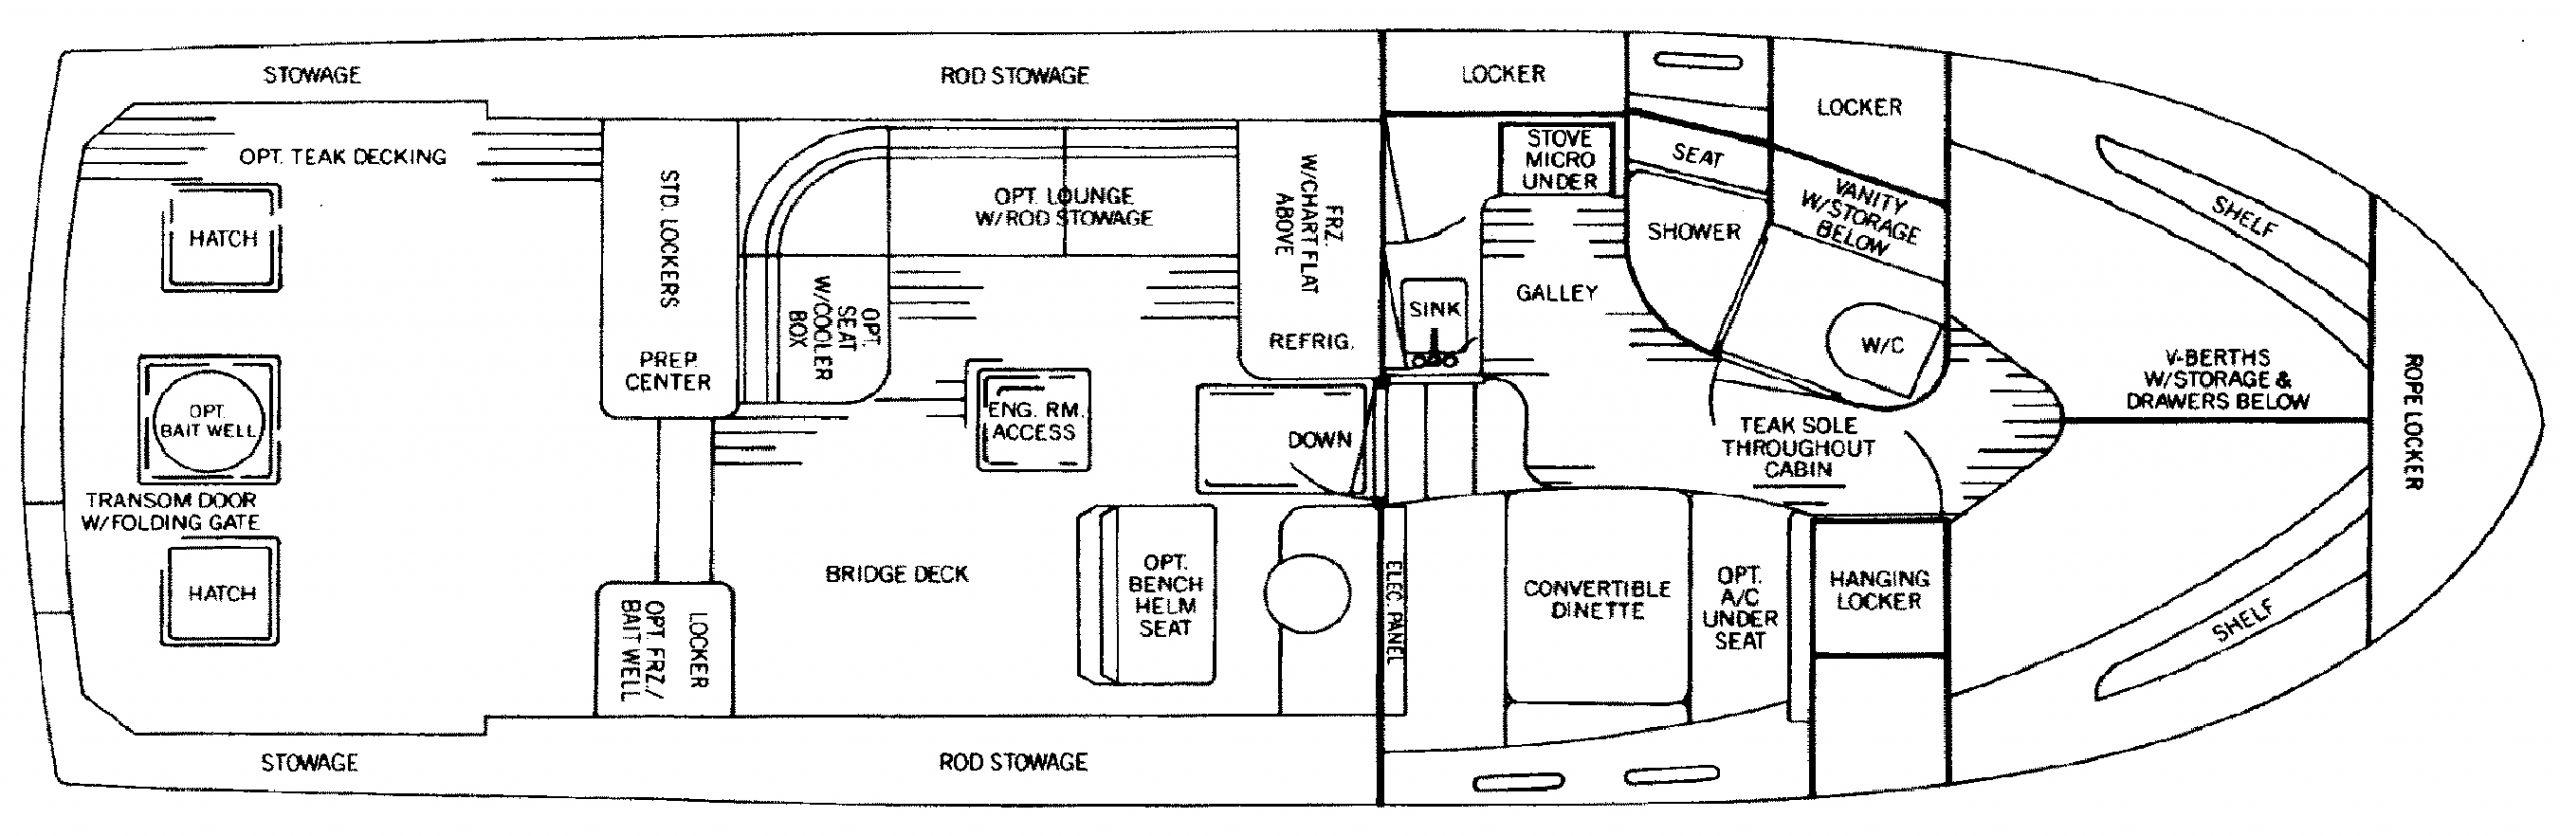 38 Special Floor Plan 1